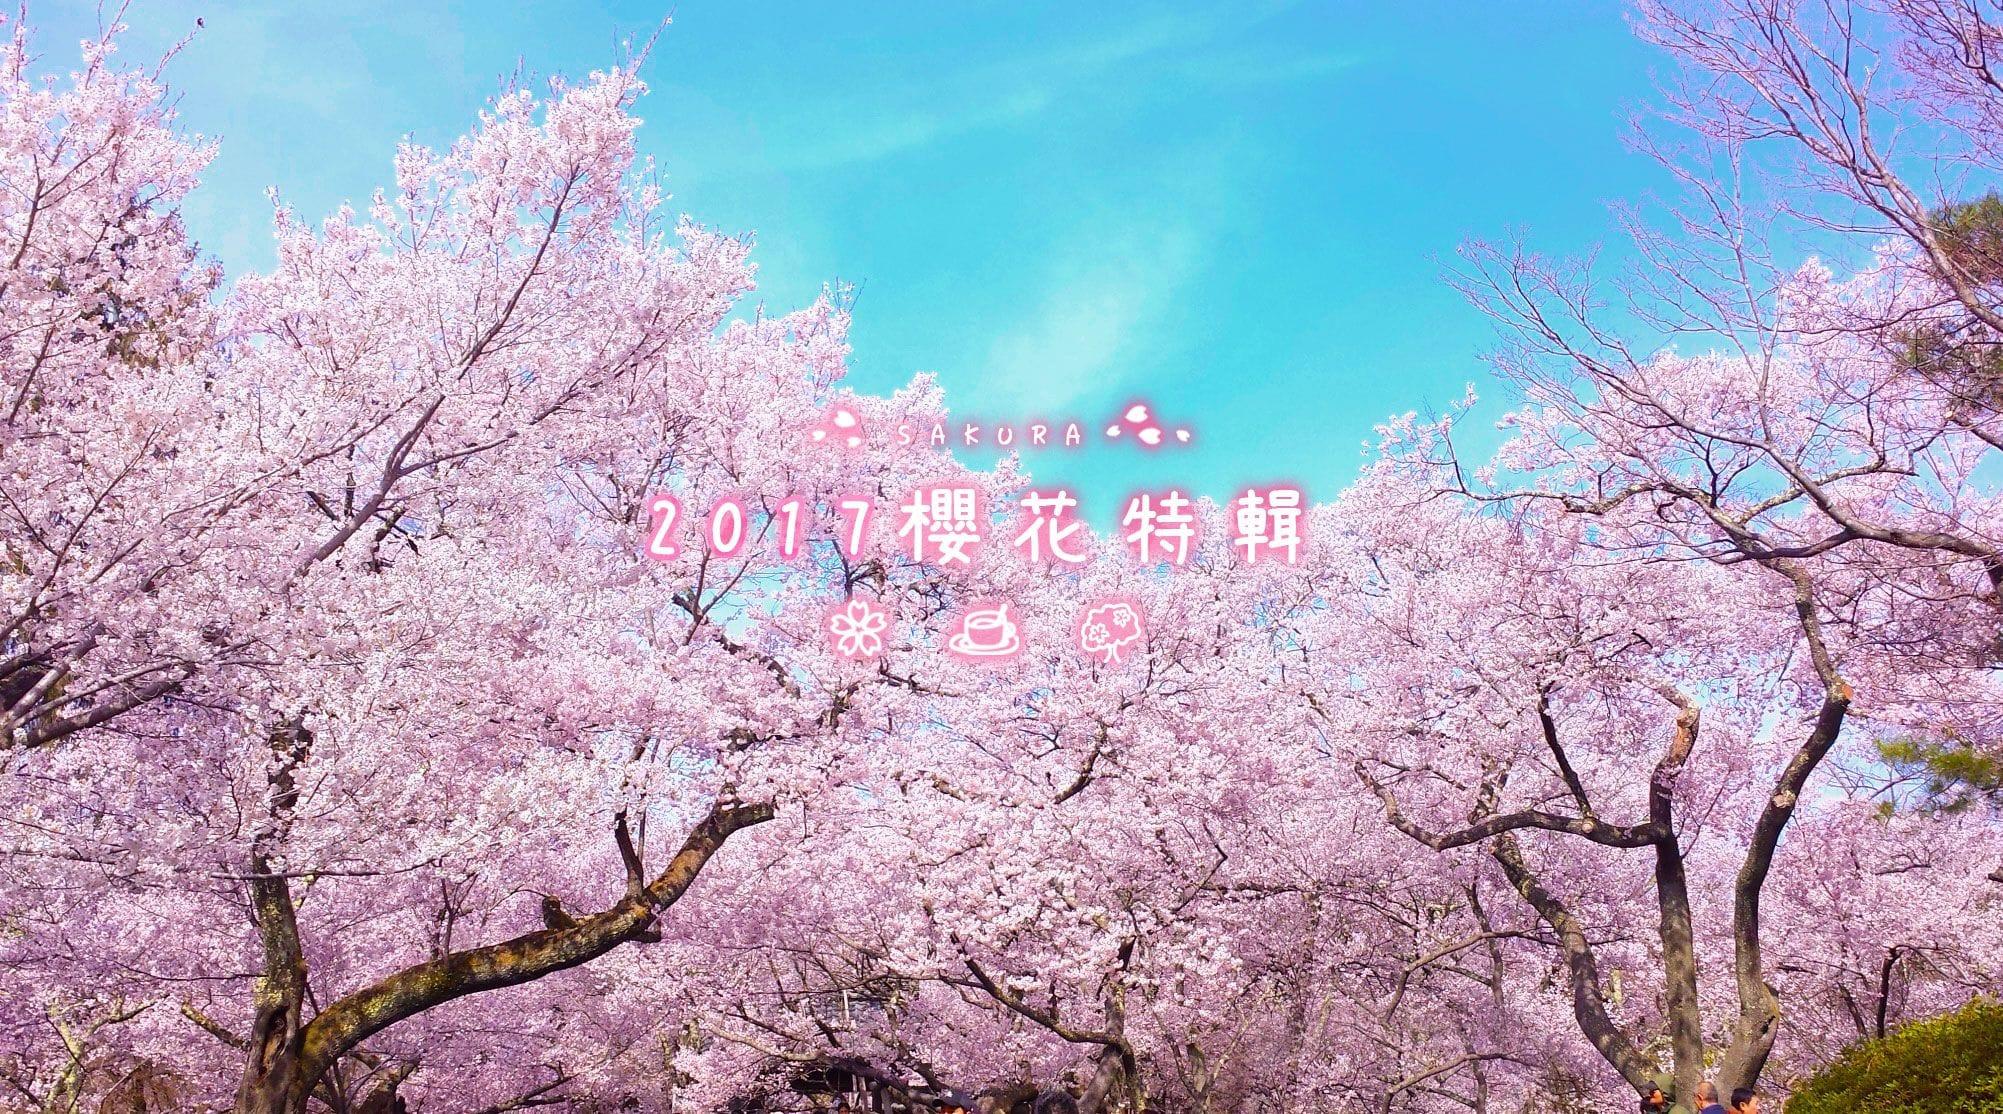 2017年櫻花特輯